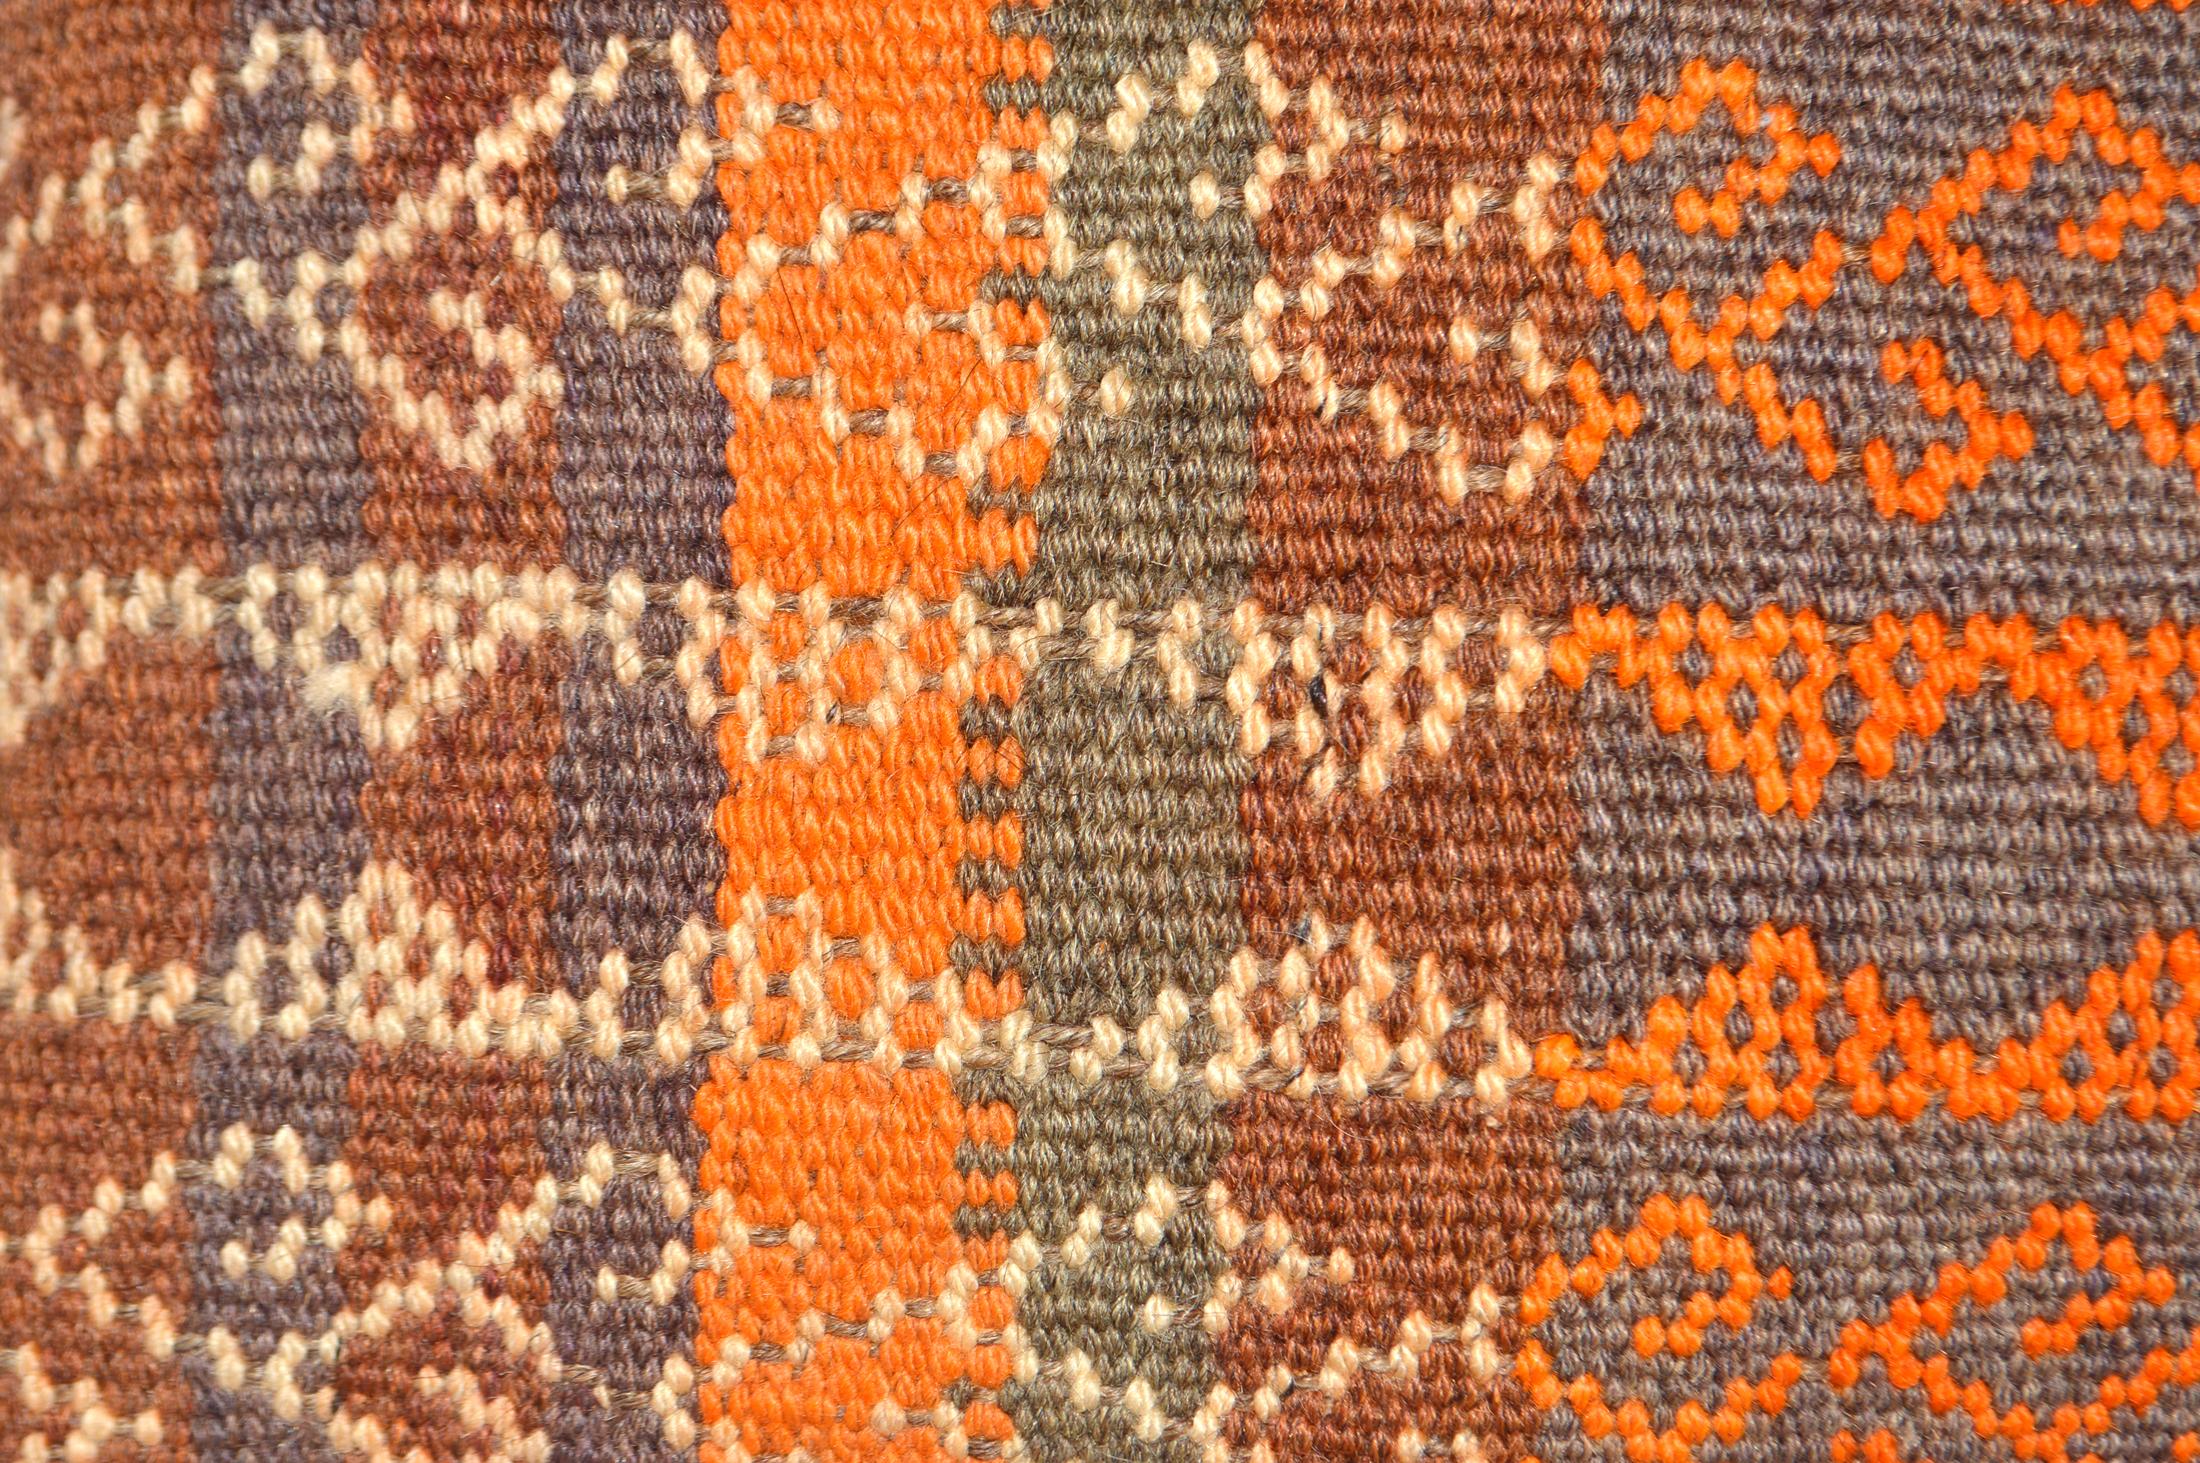 Orientalische Antik Kelim Kissen Unikat aus Wolle, handgewebte Dekokissen, Vintage AKS 006 Größe 40 x 40 cm